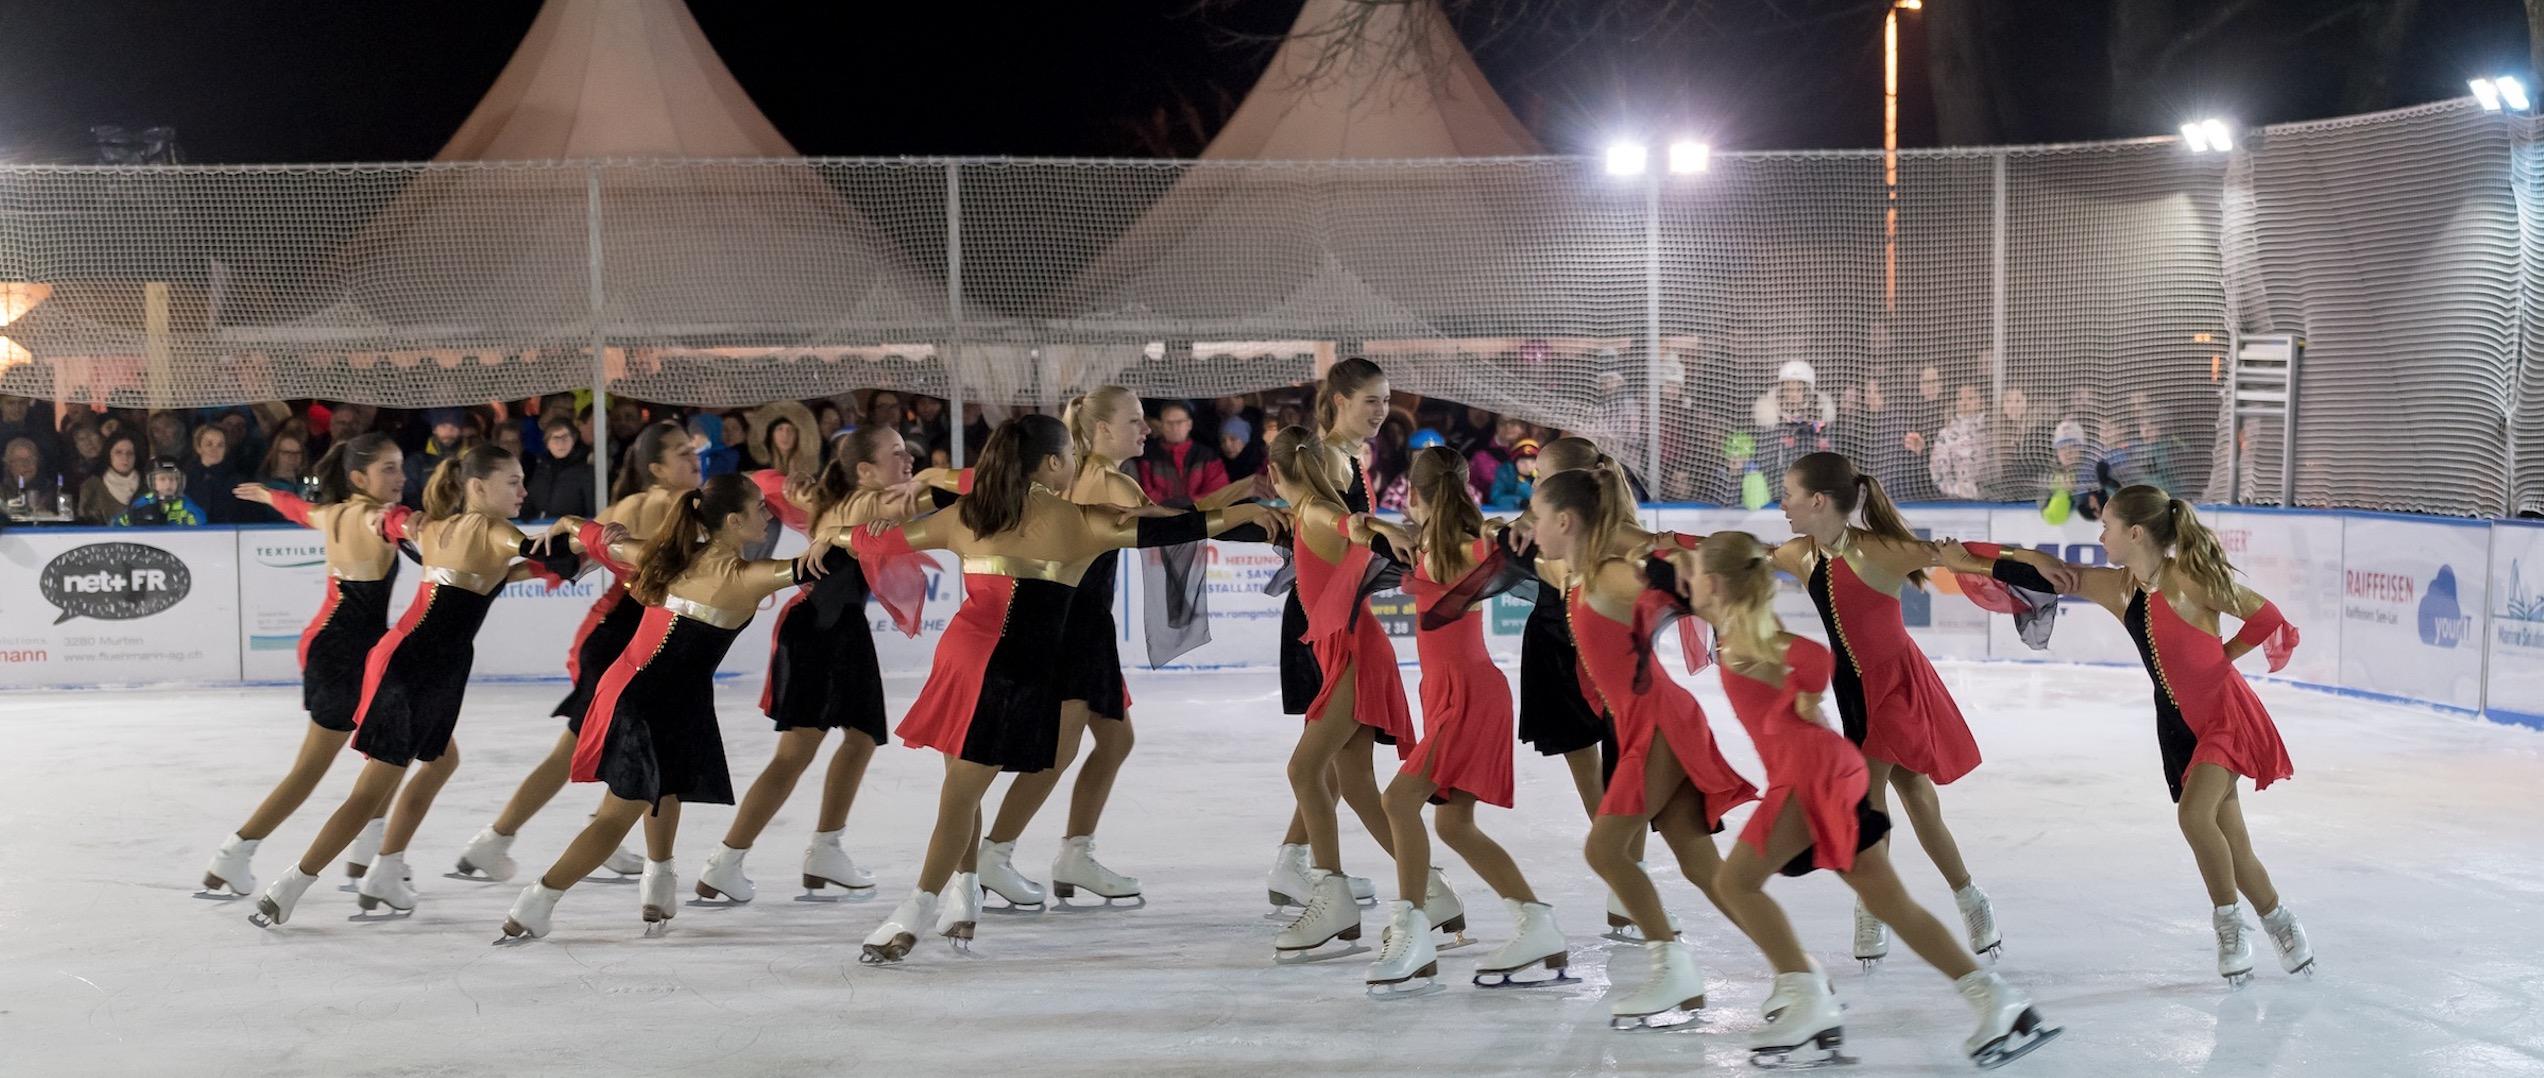 Eislaufkurse in MurtenEislaufschule Murten on Ice